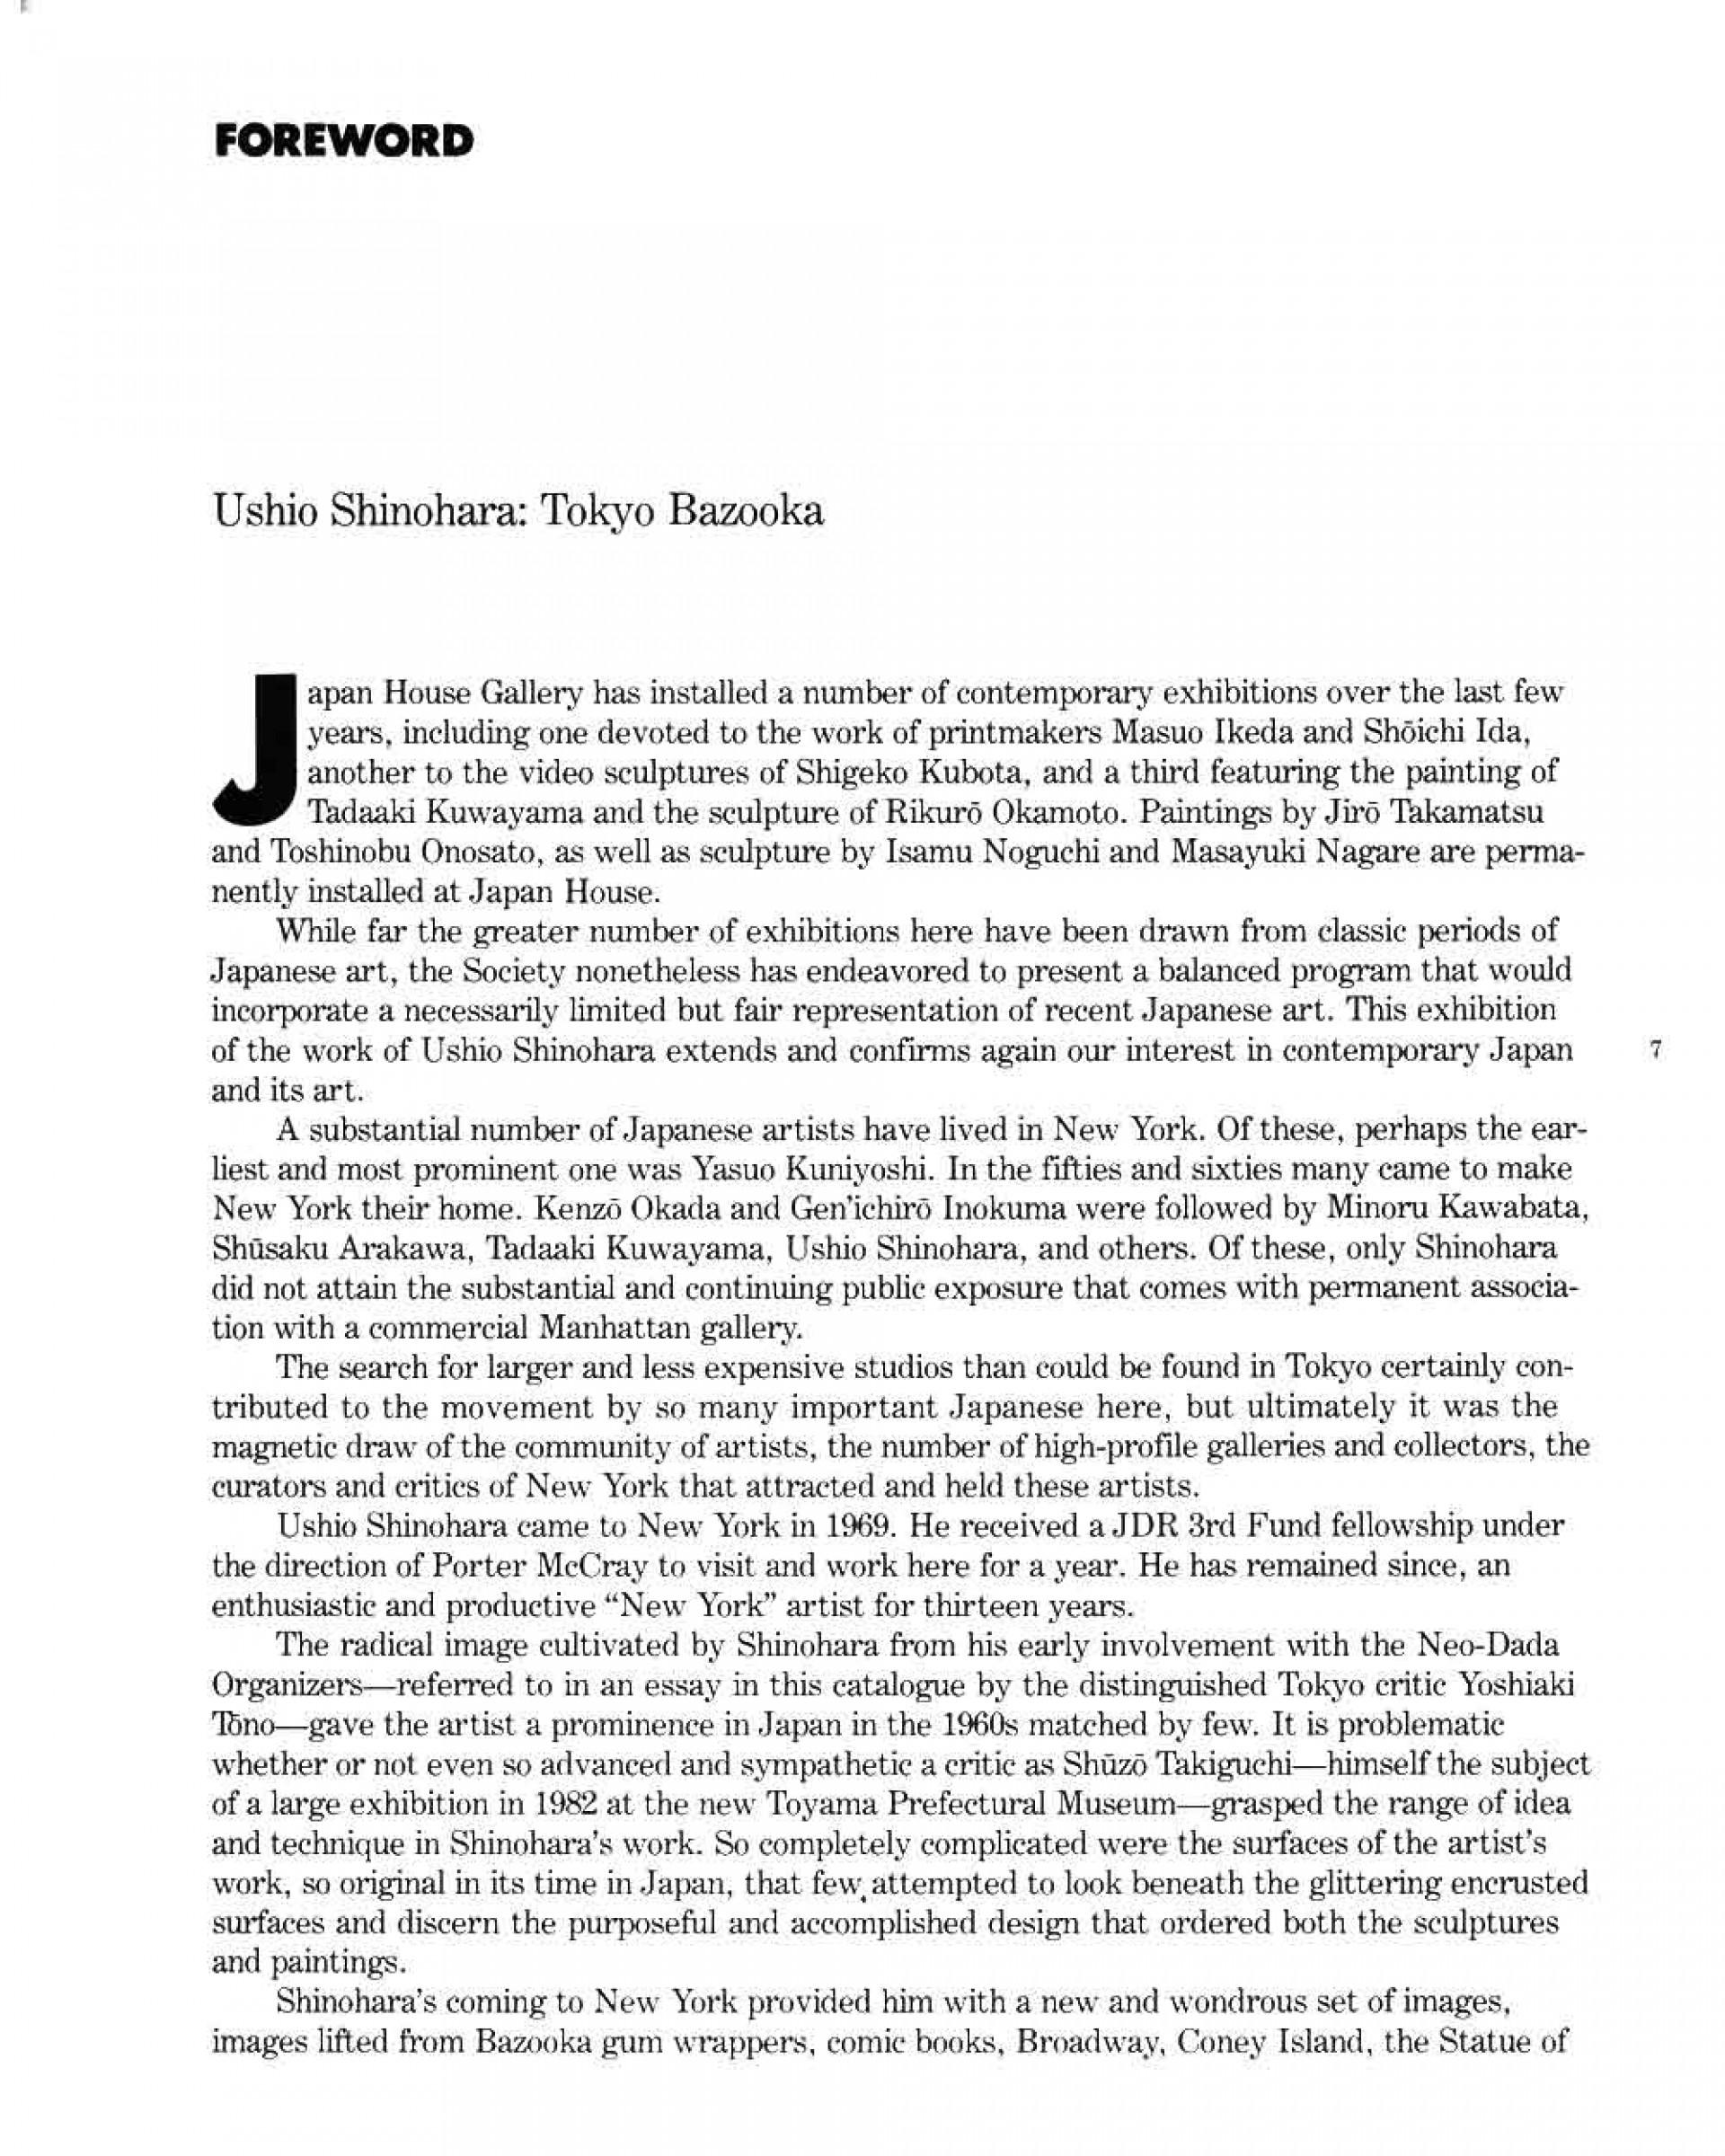 016 Ushio Shinohara Tokyo Bazooka Essay Pg 1 Example How To Quote Lyrics In Beautiful An Properly Song Apa 1920